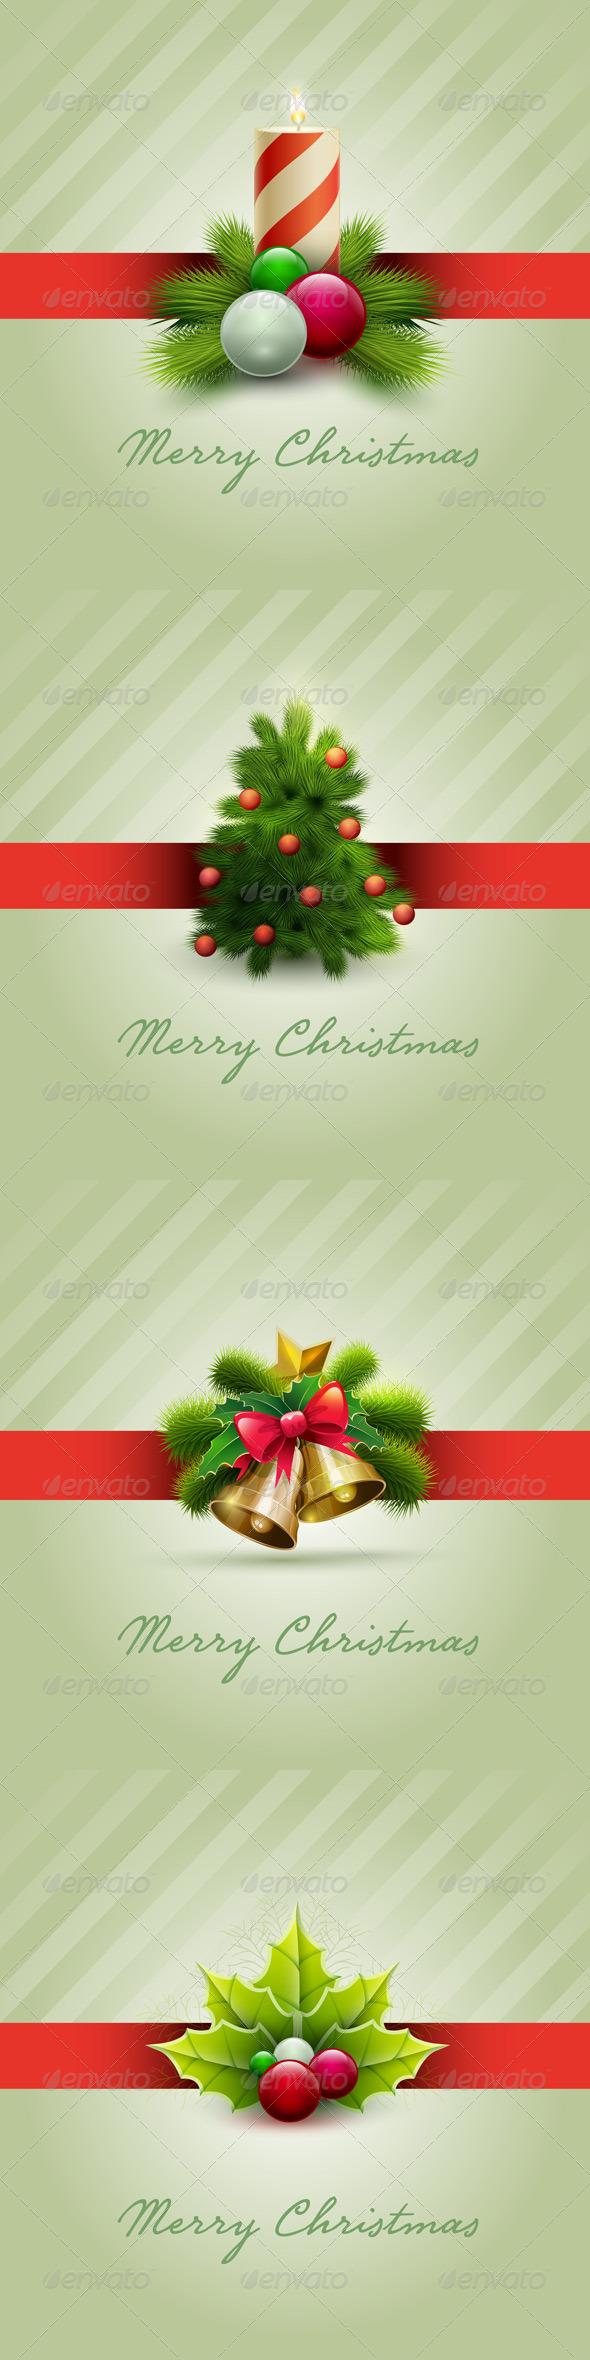 GraphicRiver Christmas Card Set 5999844